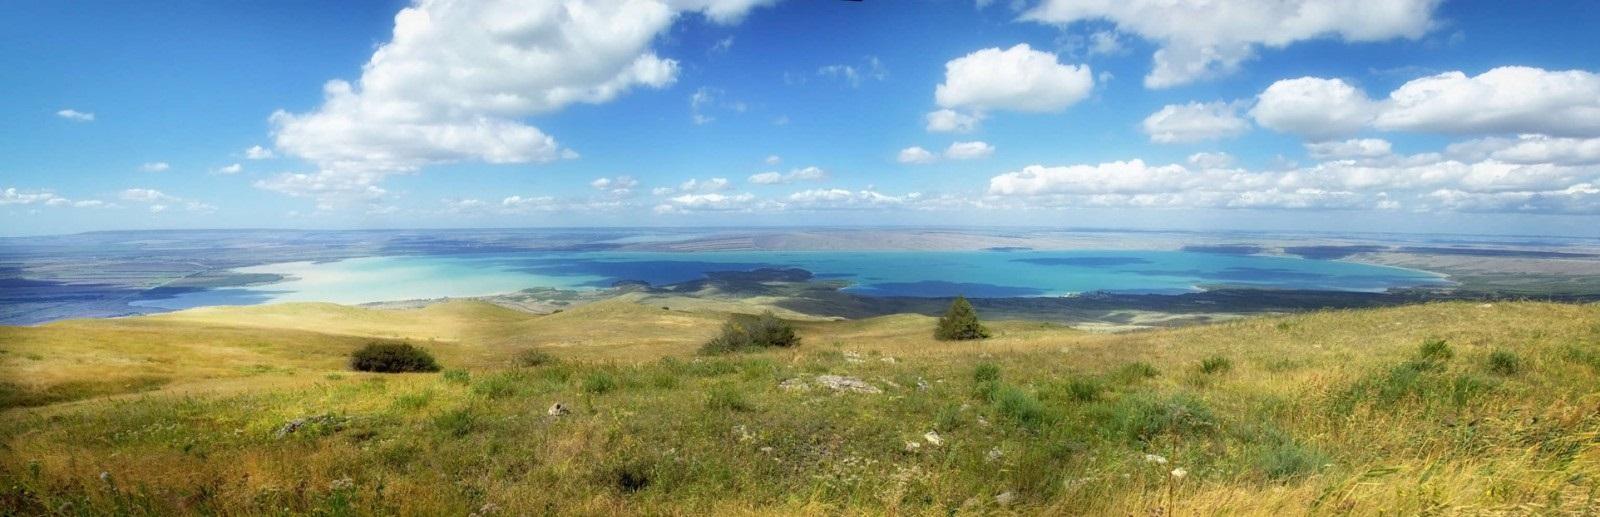 рыбалка сенгилеевское водохранилище ставропольский край